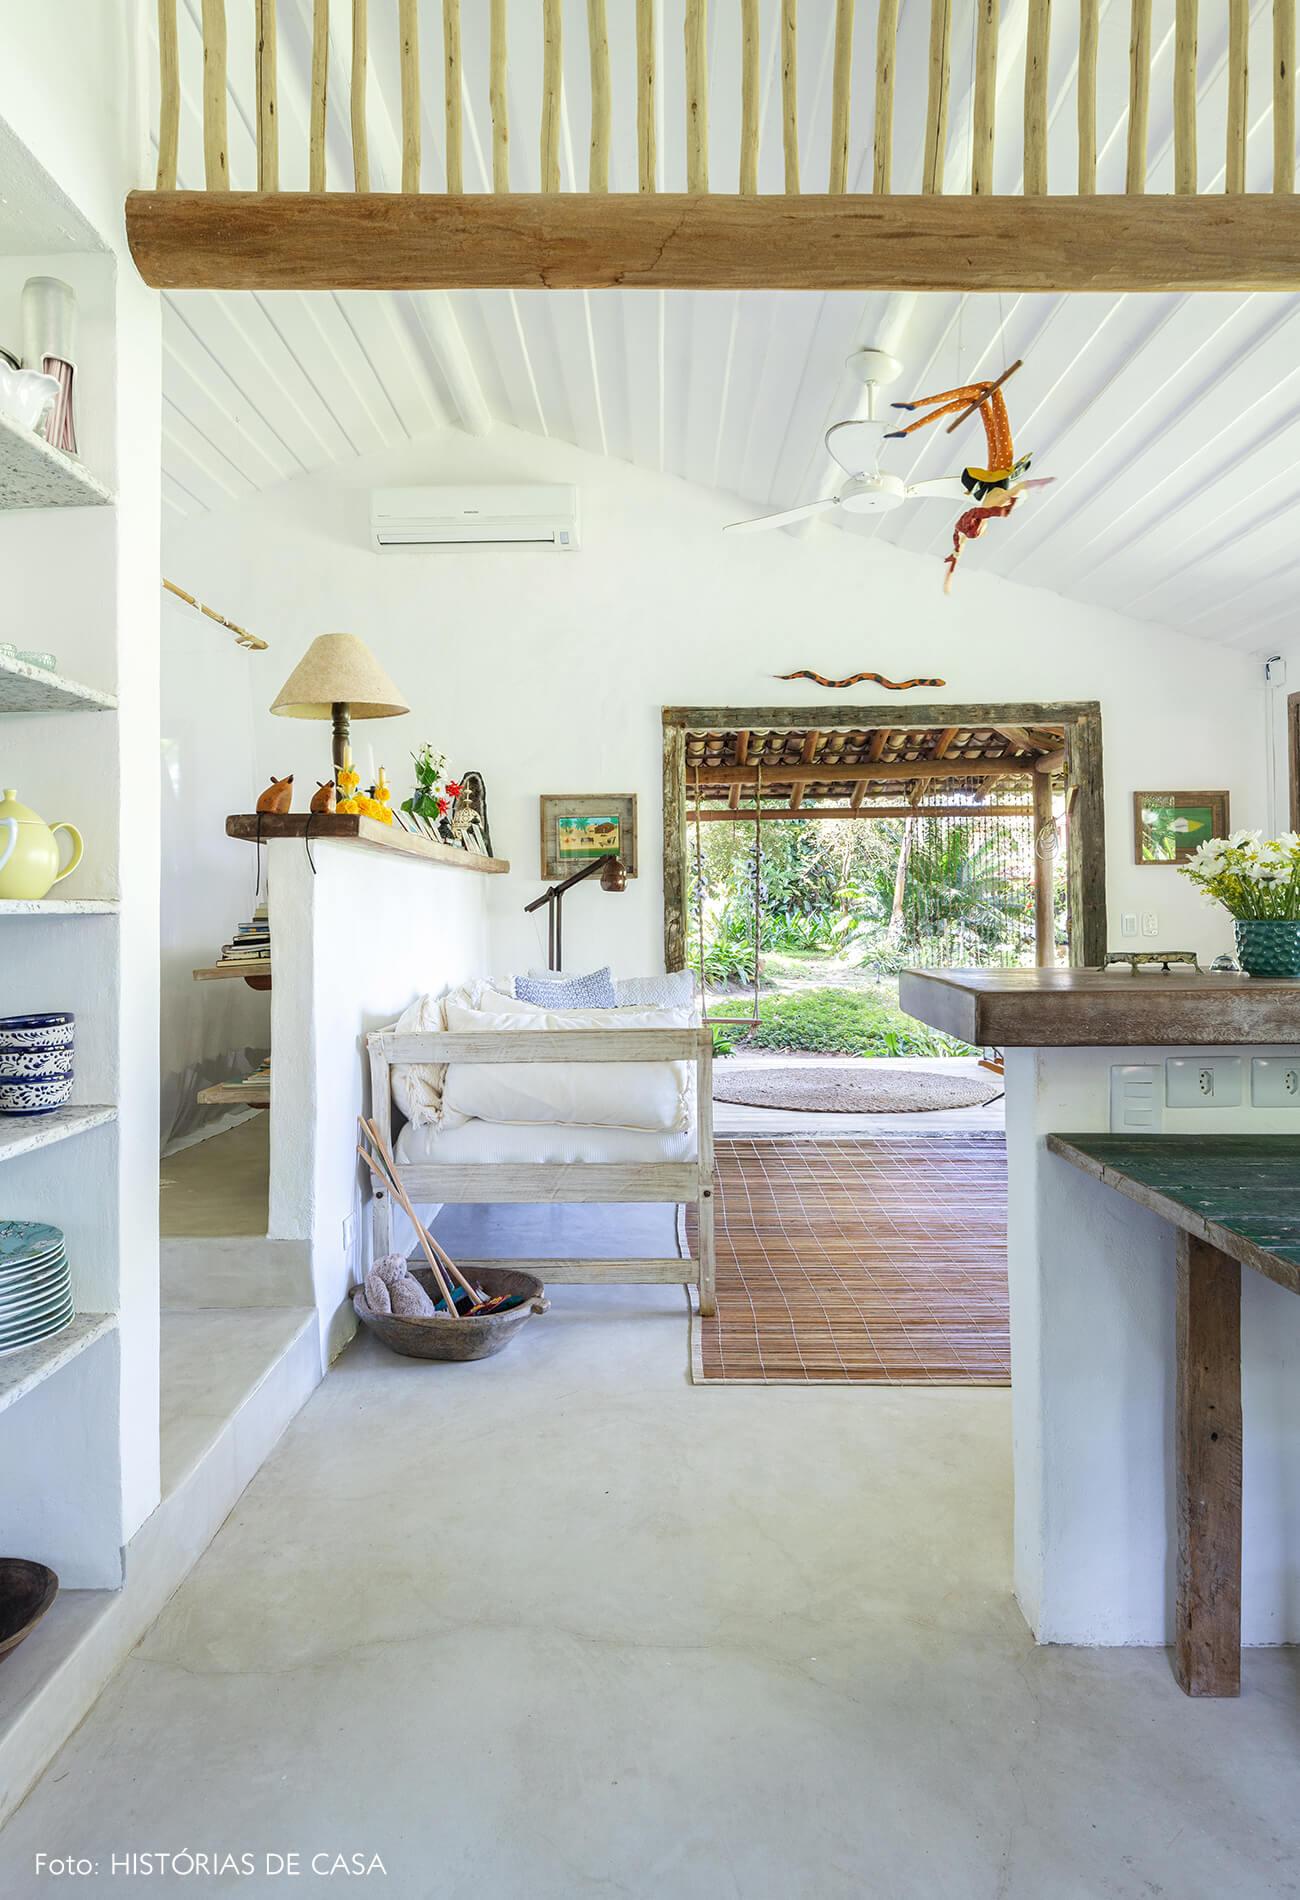 sala-cozinha-rustica-com-moveis-de-madeira